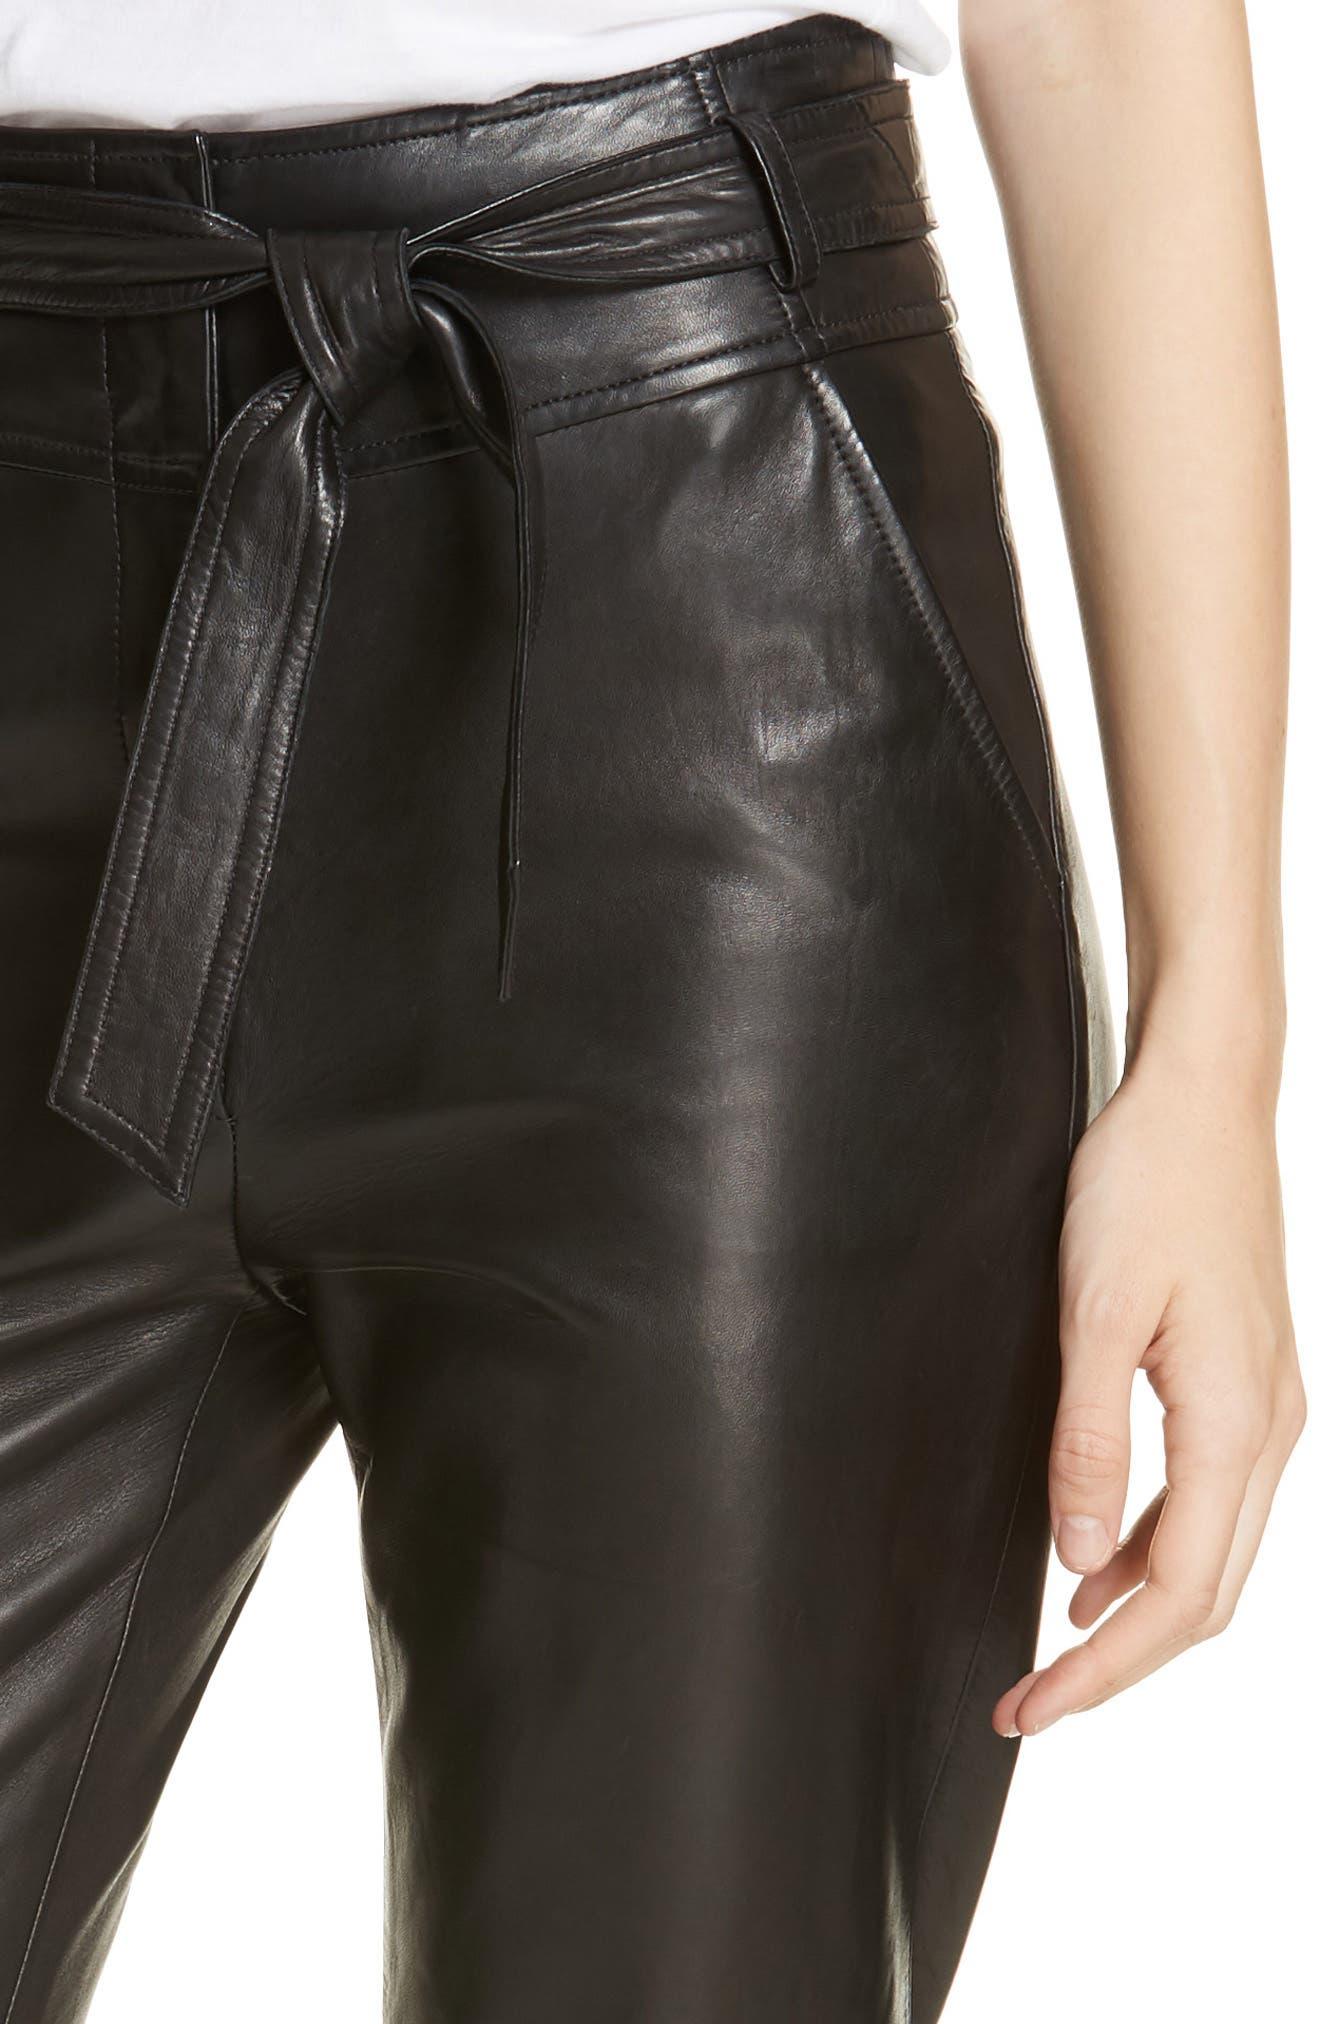 Faxon Leather Pants,                             Alternate thumbnail 4, color,                             001